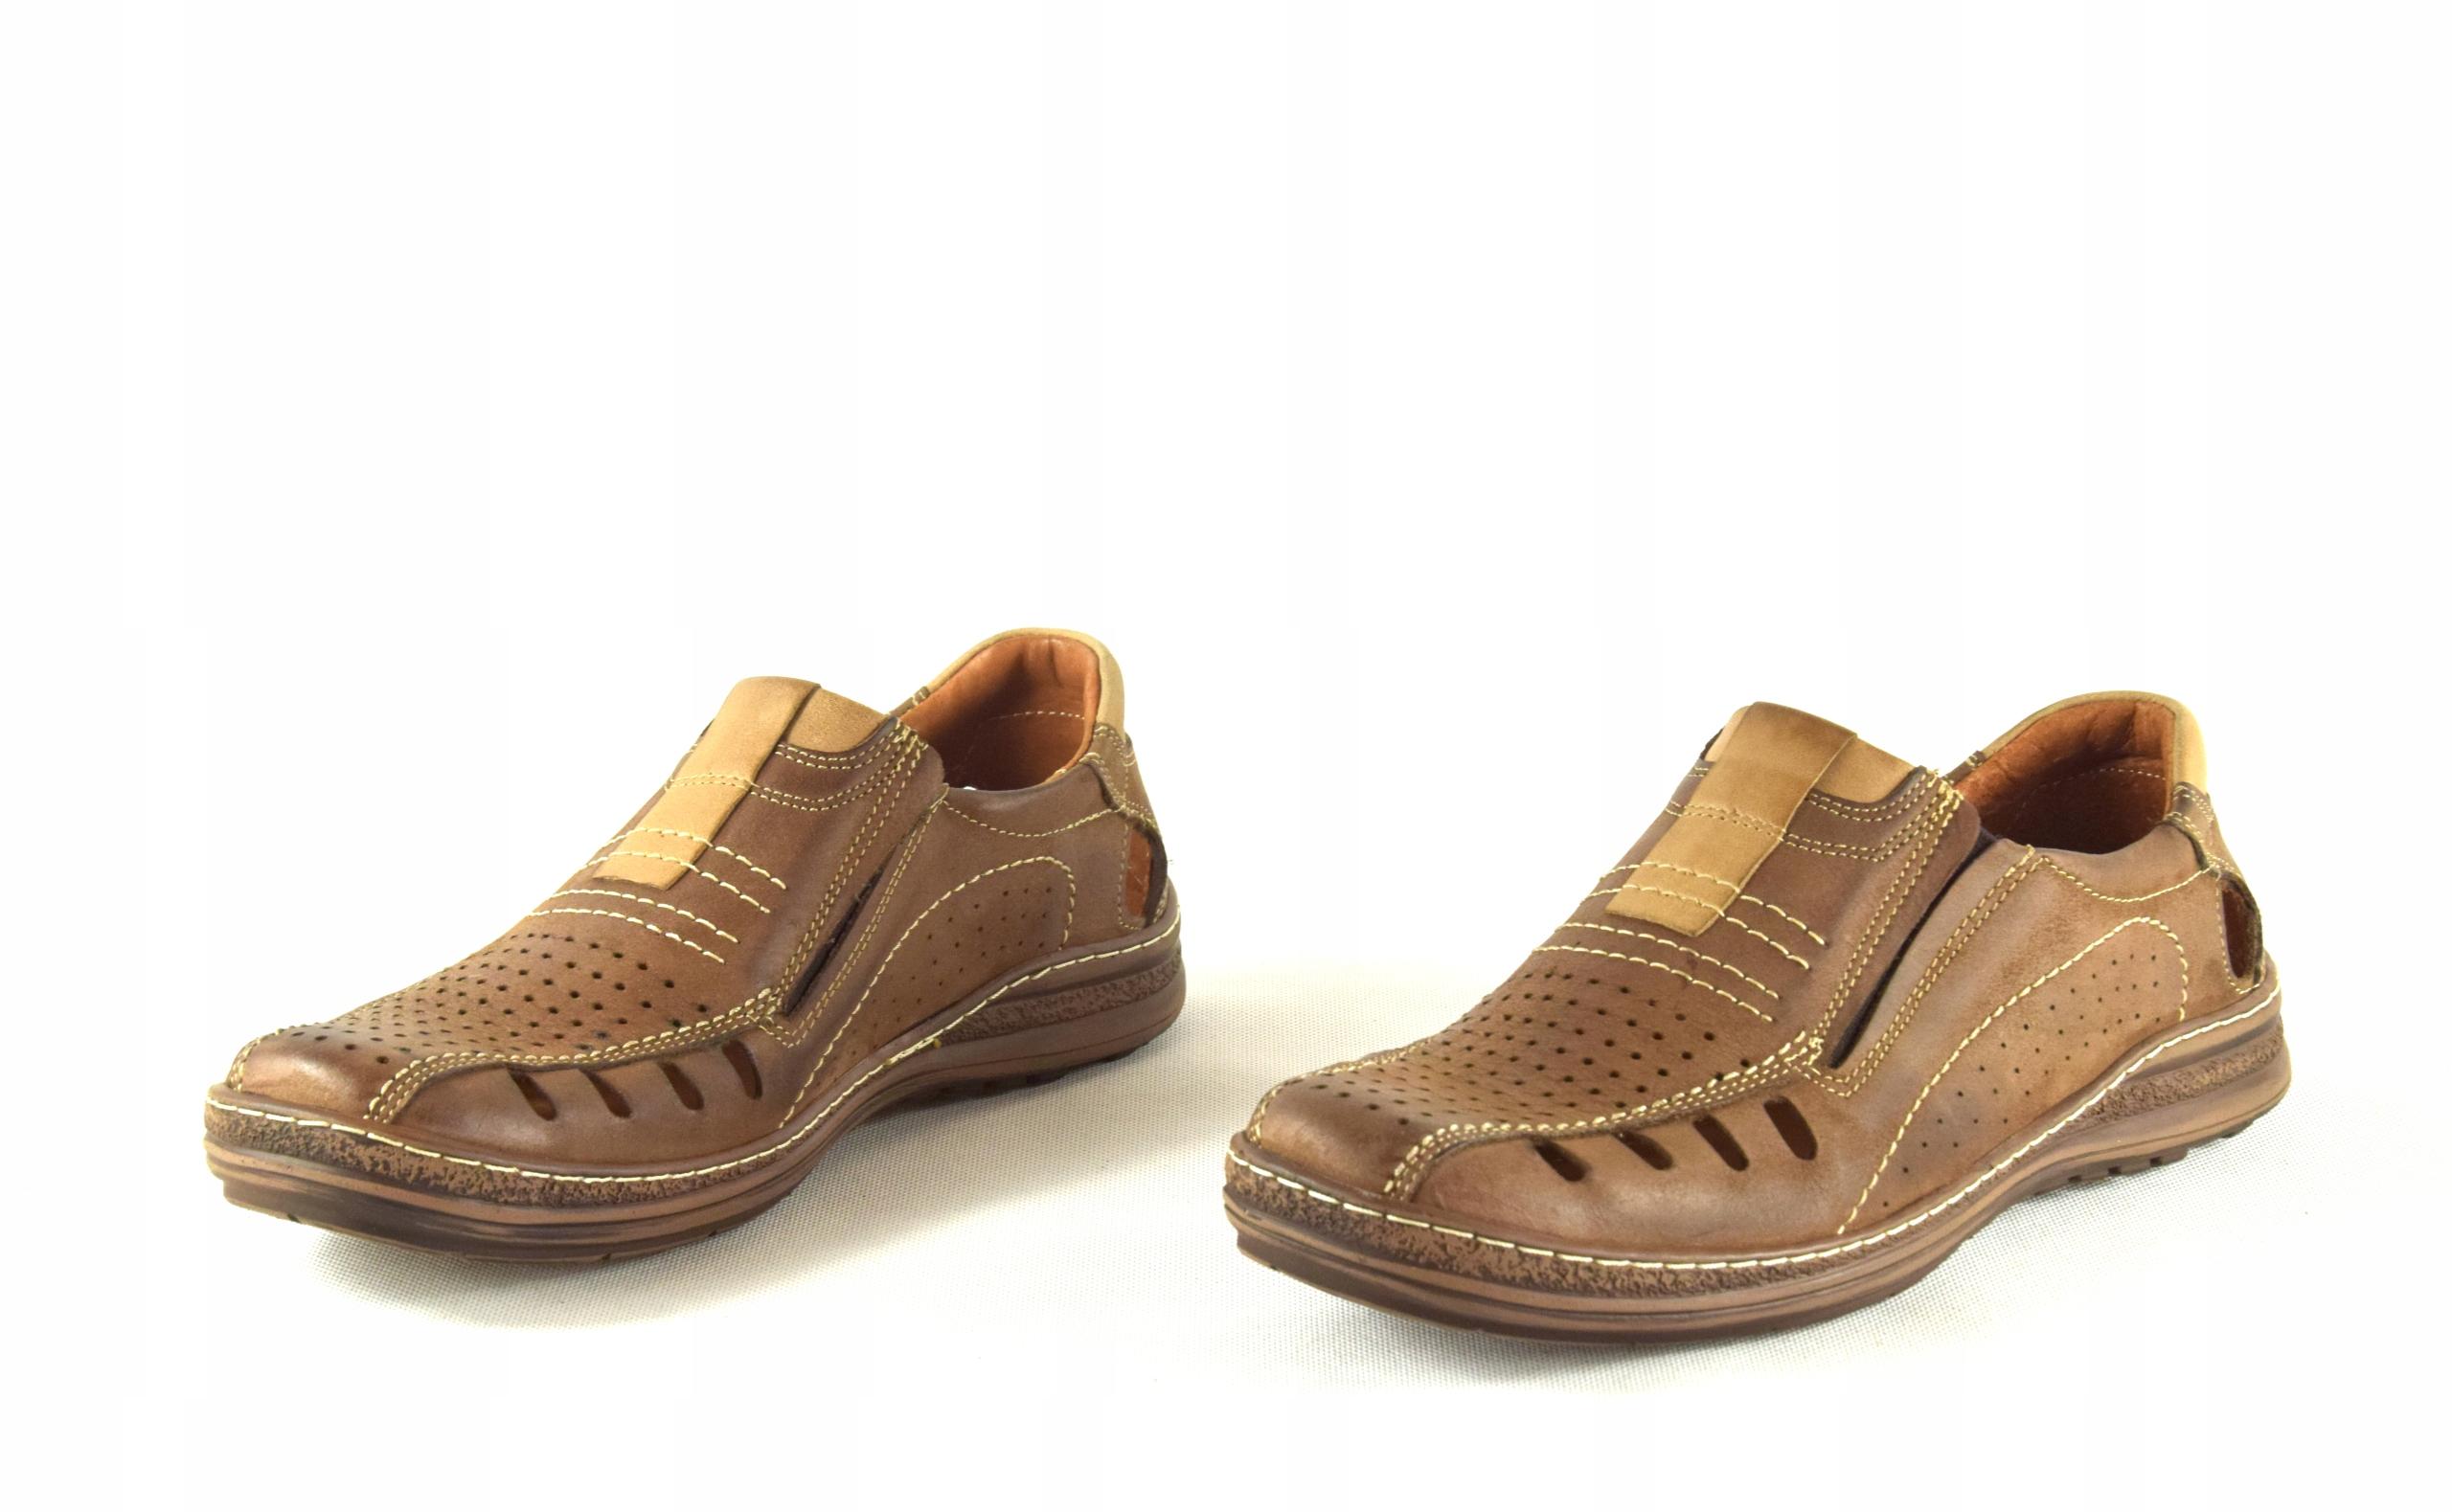 Mokasyny na lato buty ze skóry męskie dziurki 190L Materiał zewnętrzny skóra naturalna